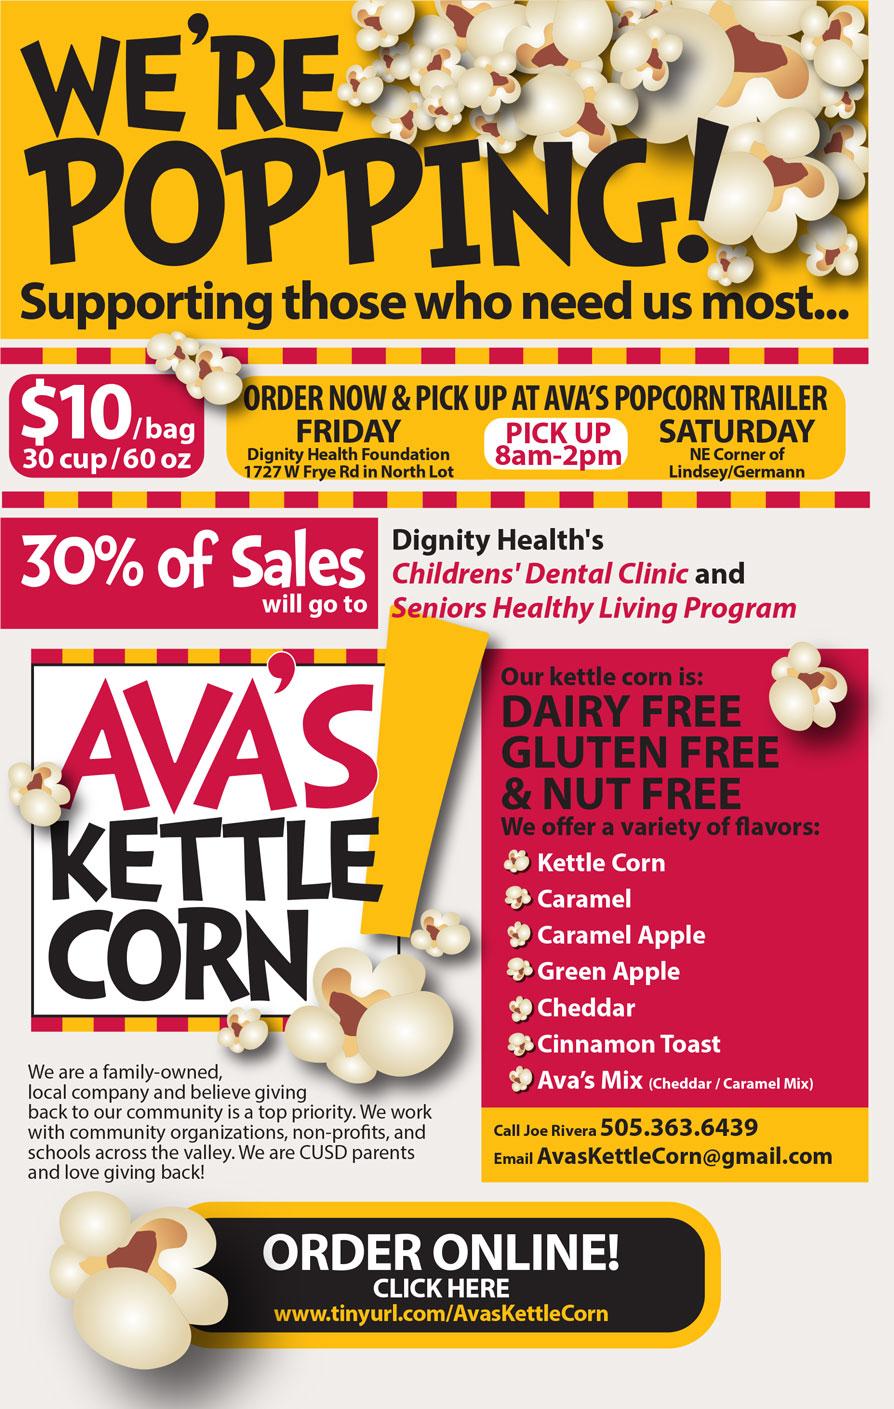 Ava's Kettle Corn